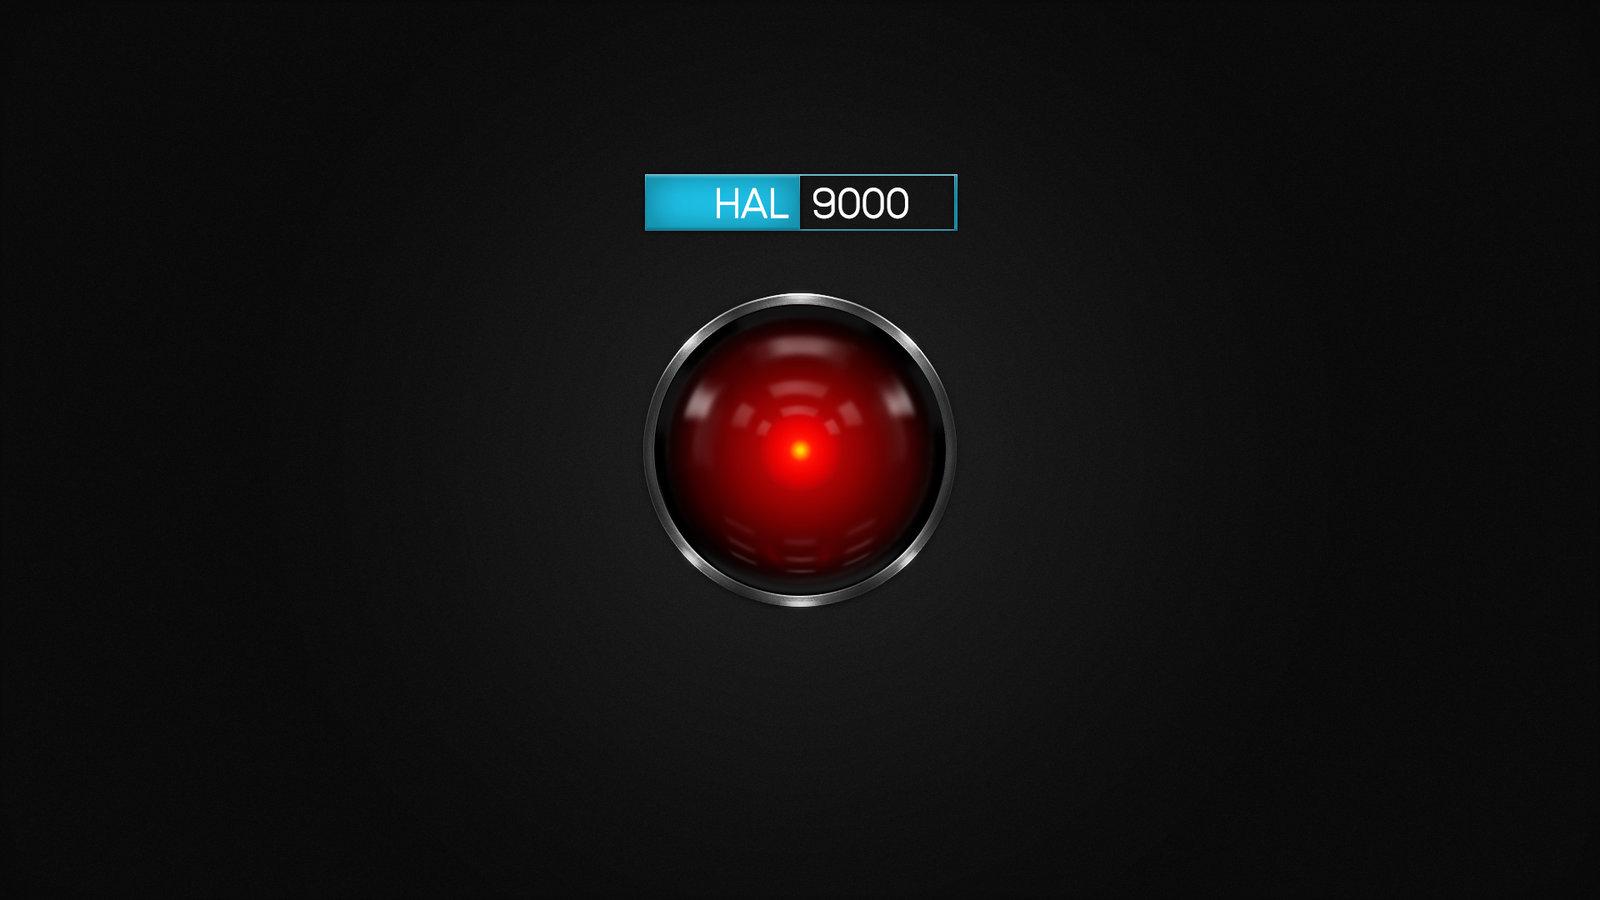 Hal 9000 achtergrond door iamspiderone on DeviantArt